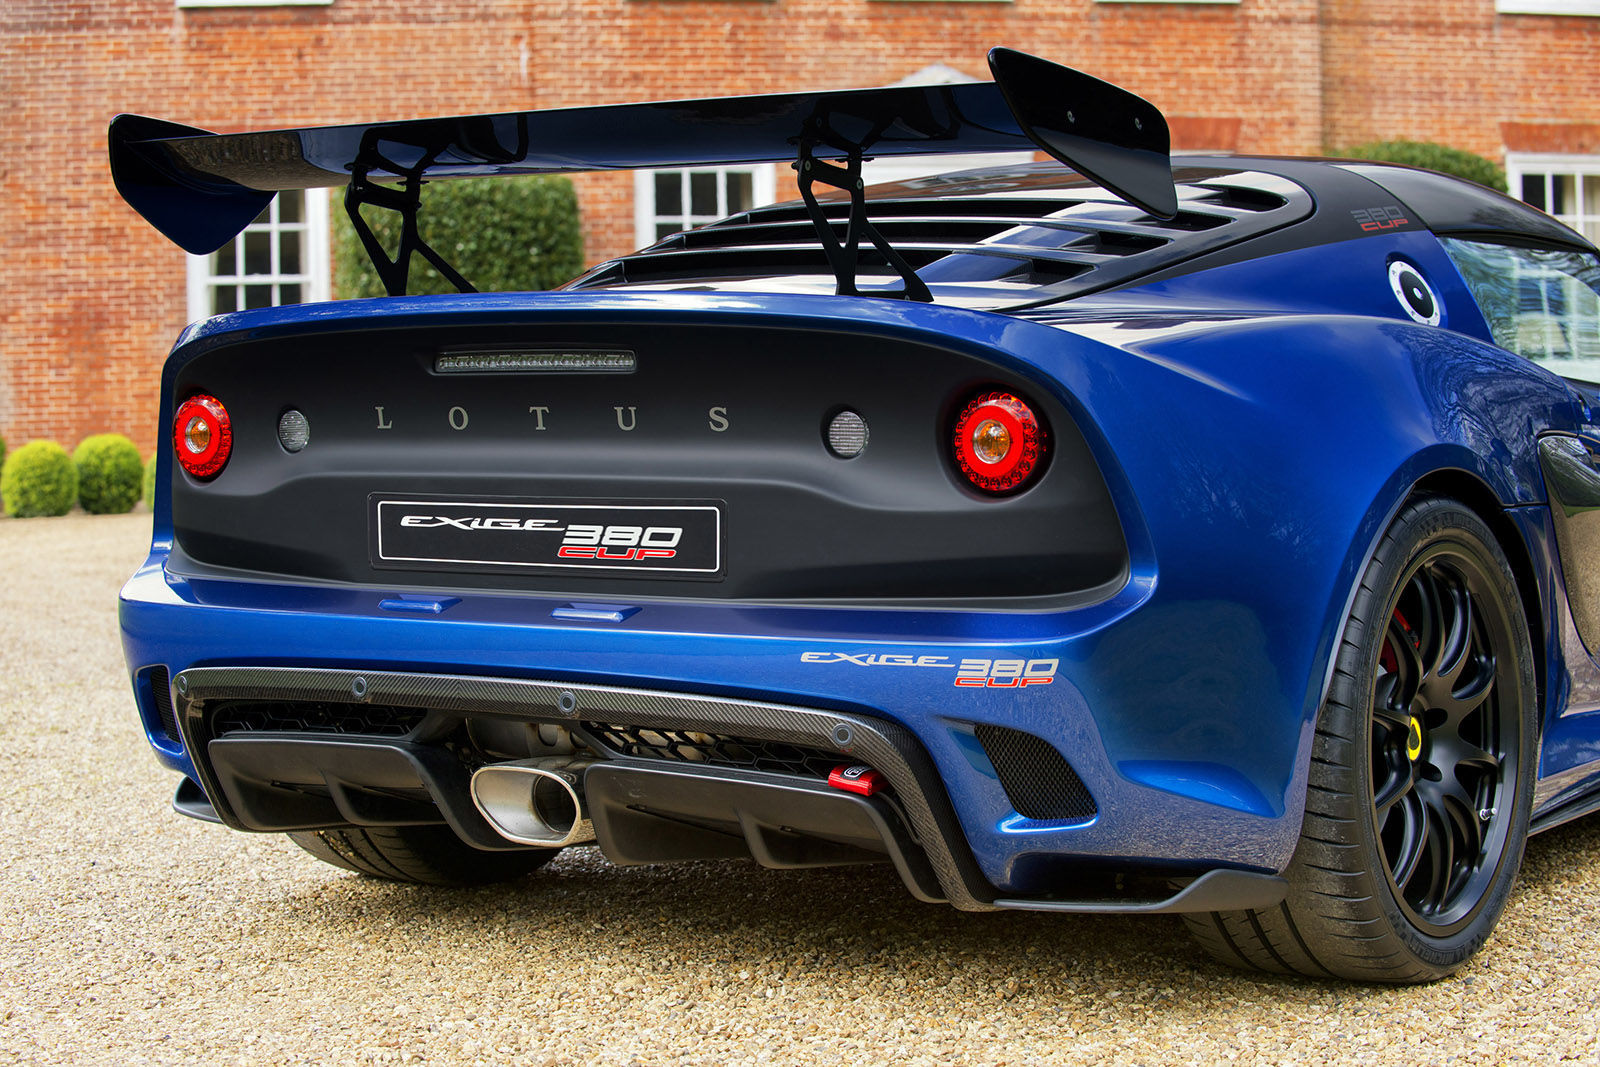 Lotus Exige 380 CUP Gallery-1492704118-exige-cup-380-rear-wheel